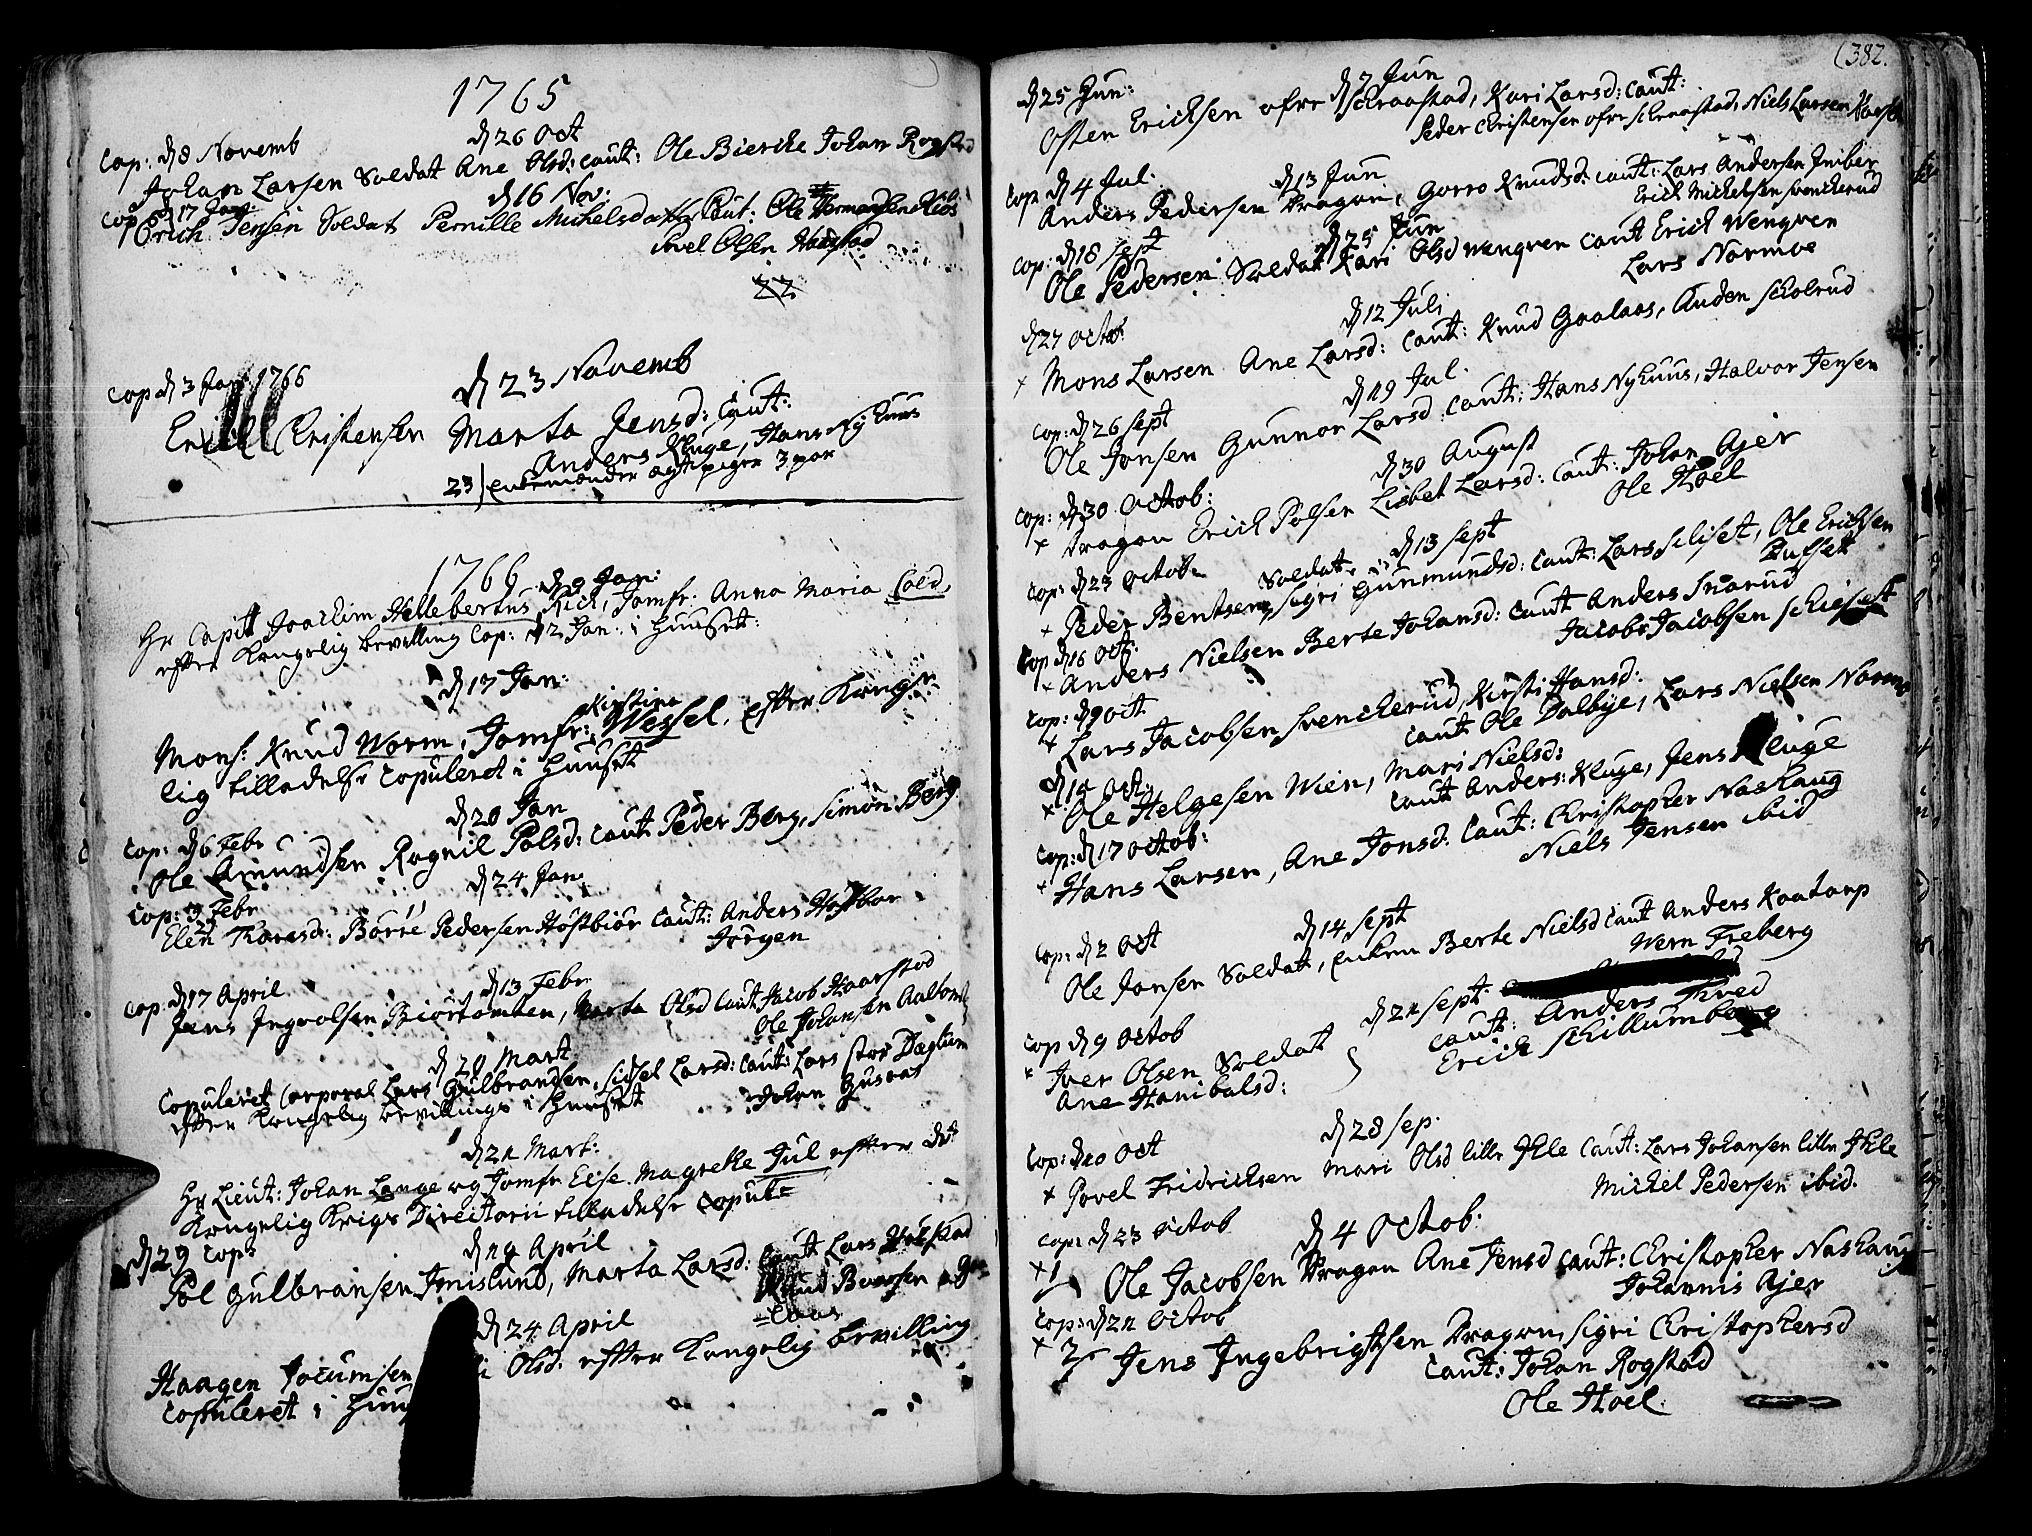 SAH, Vang prestekontor, Hedmark, H/Ha/Haa/L0003: Ministerialbok nr. 3, 1734-1809, s. 382